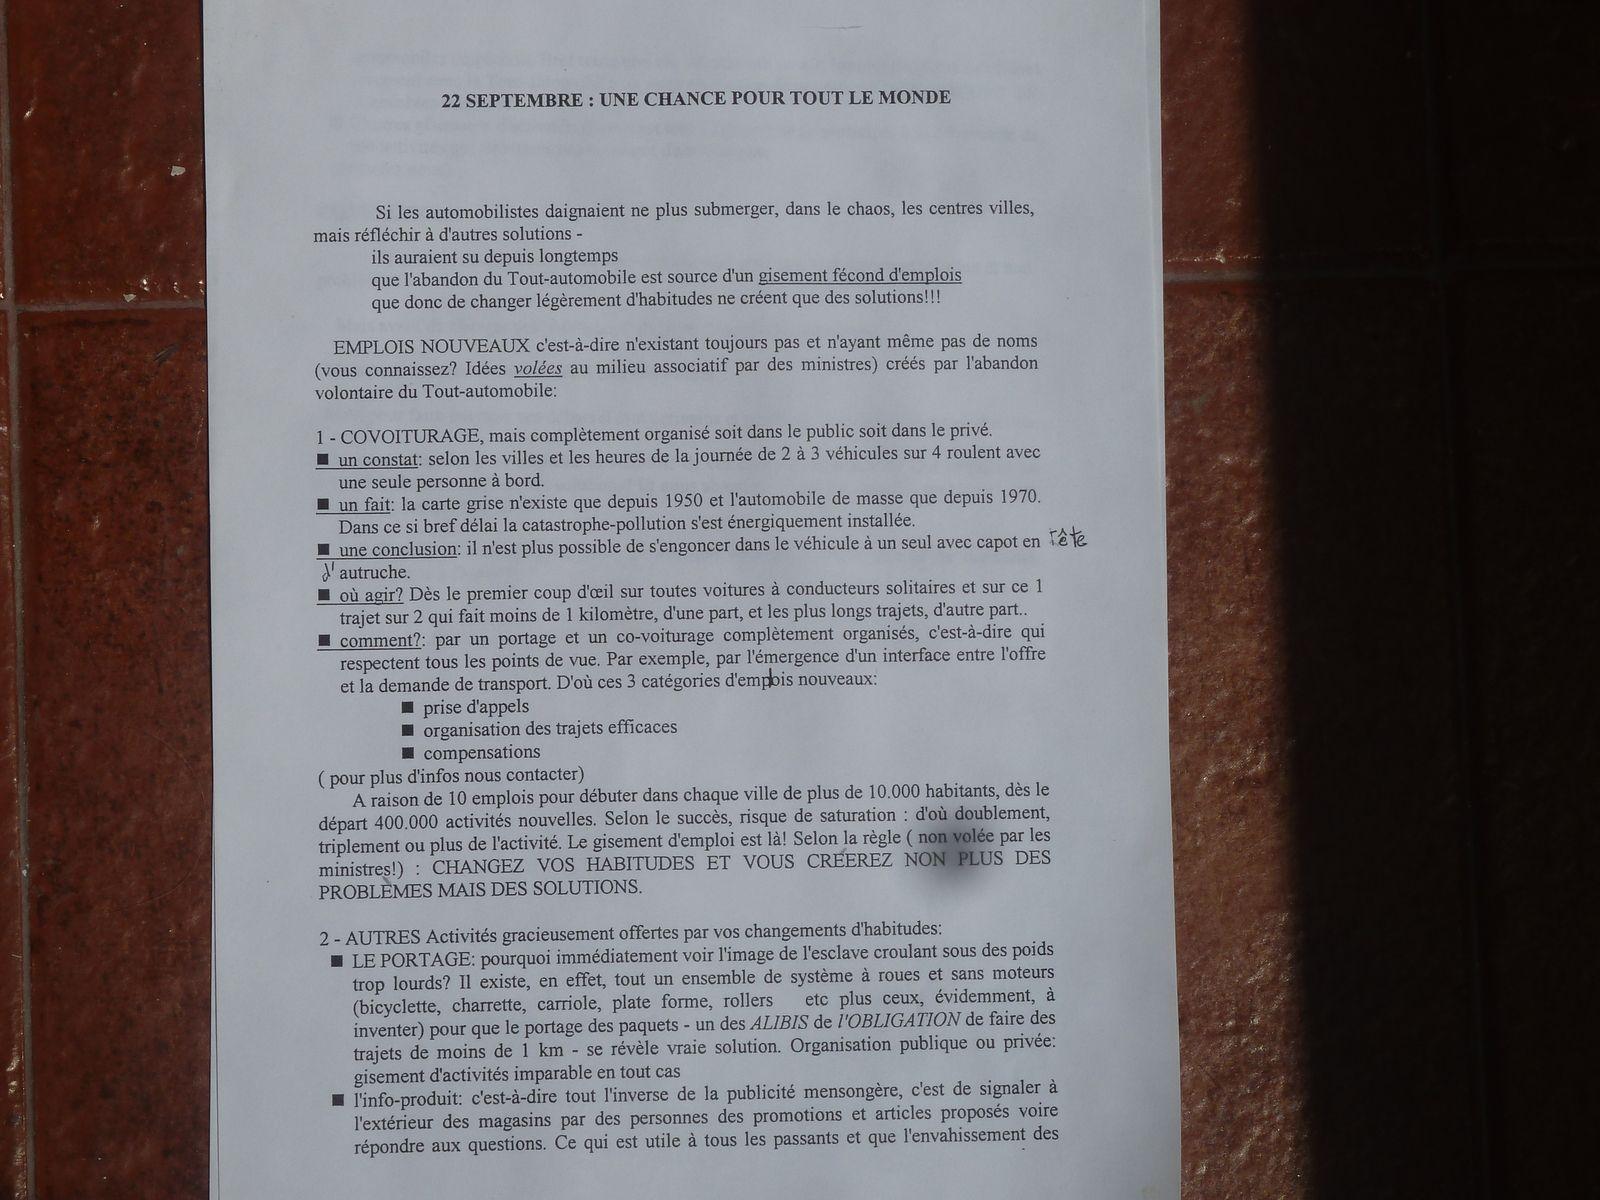 L'original du tract distribué le 22 novembre 2002 et qui sert de base à la fin du texte